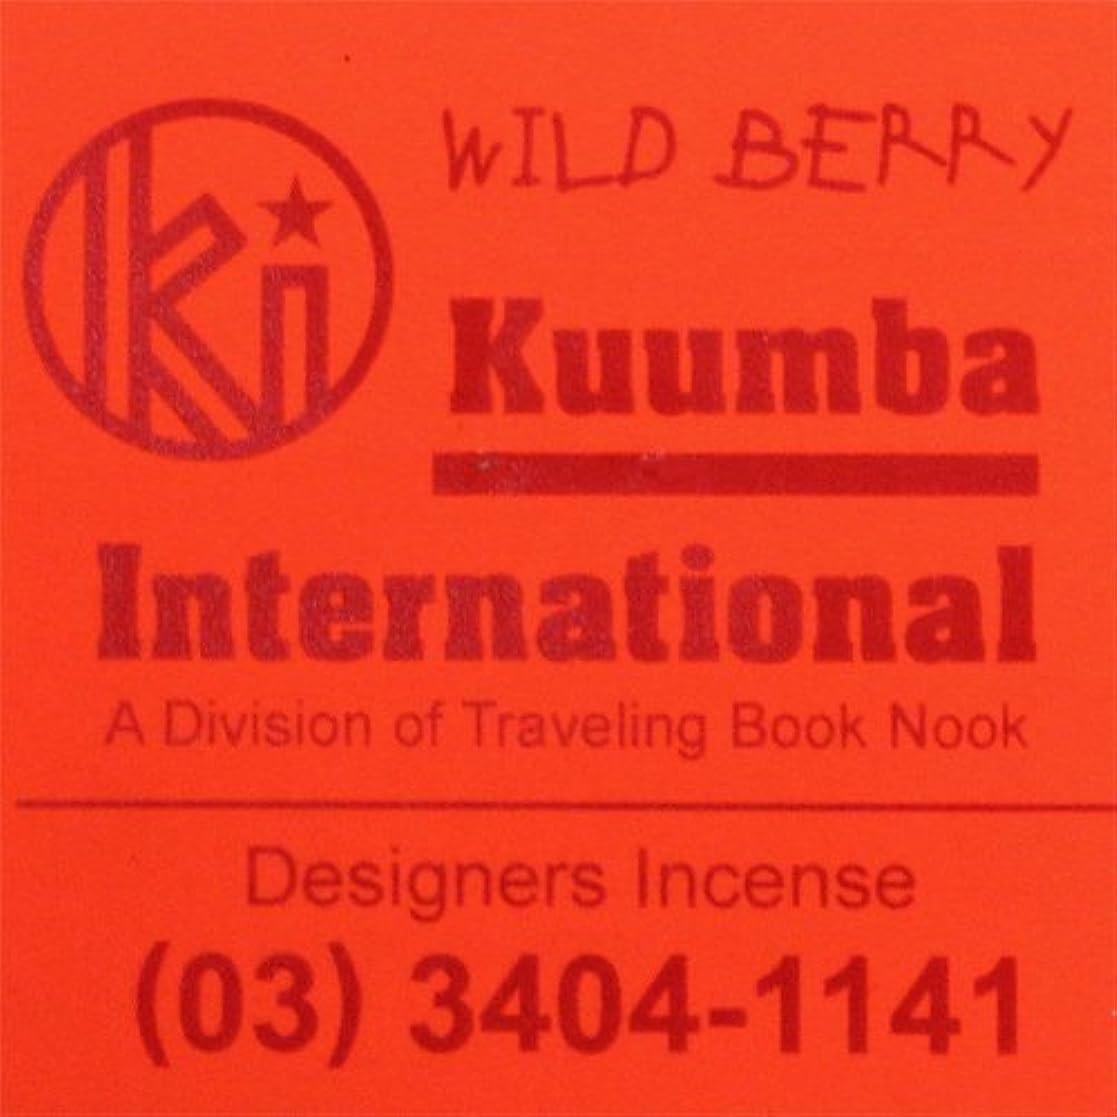 落とし穴革新知覚KUUMBA / クンバ『incense』(WILD BERRY) (Regular size)